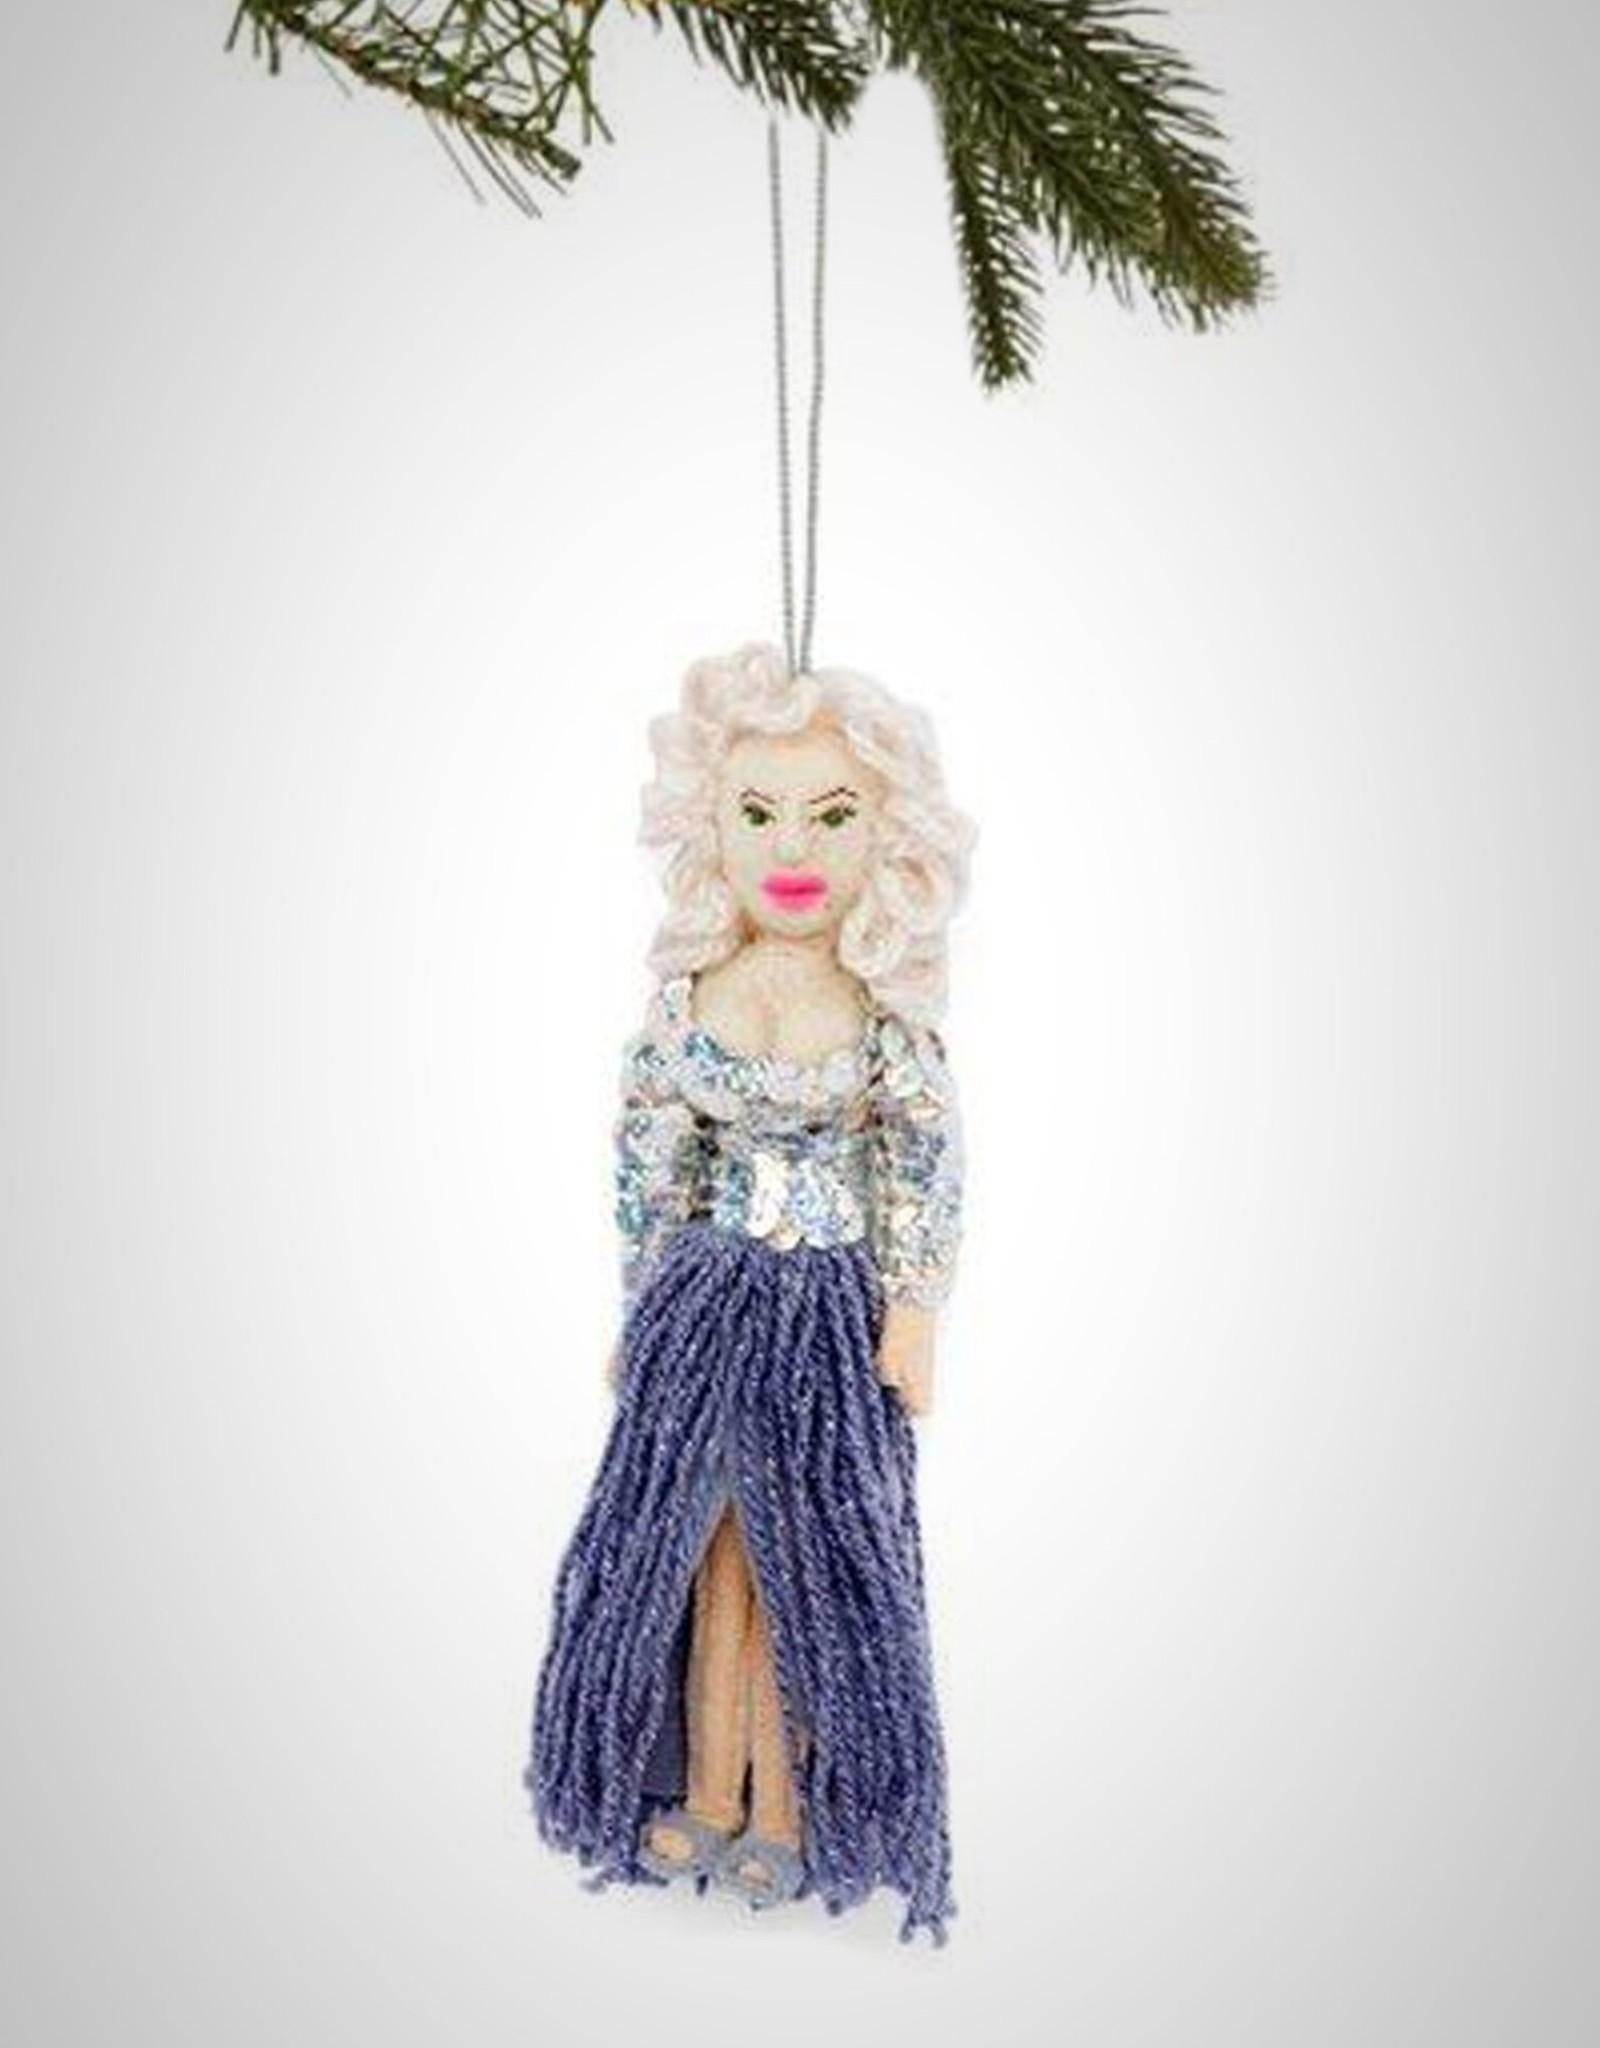 kyrgyzstan, Ornaments Dolly Parton